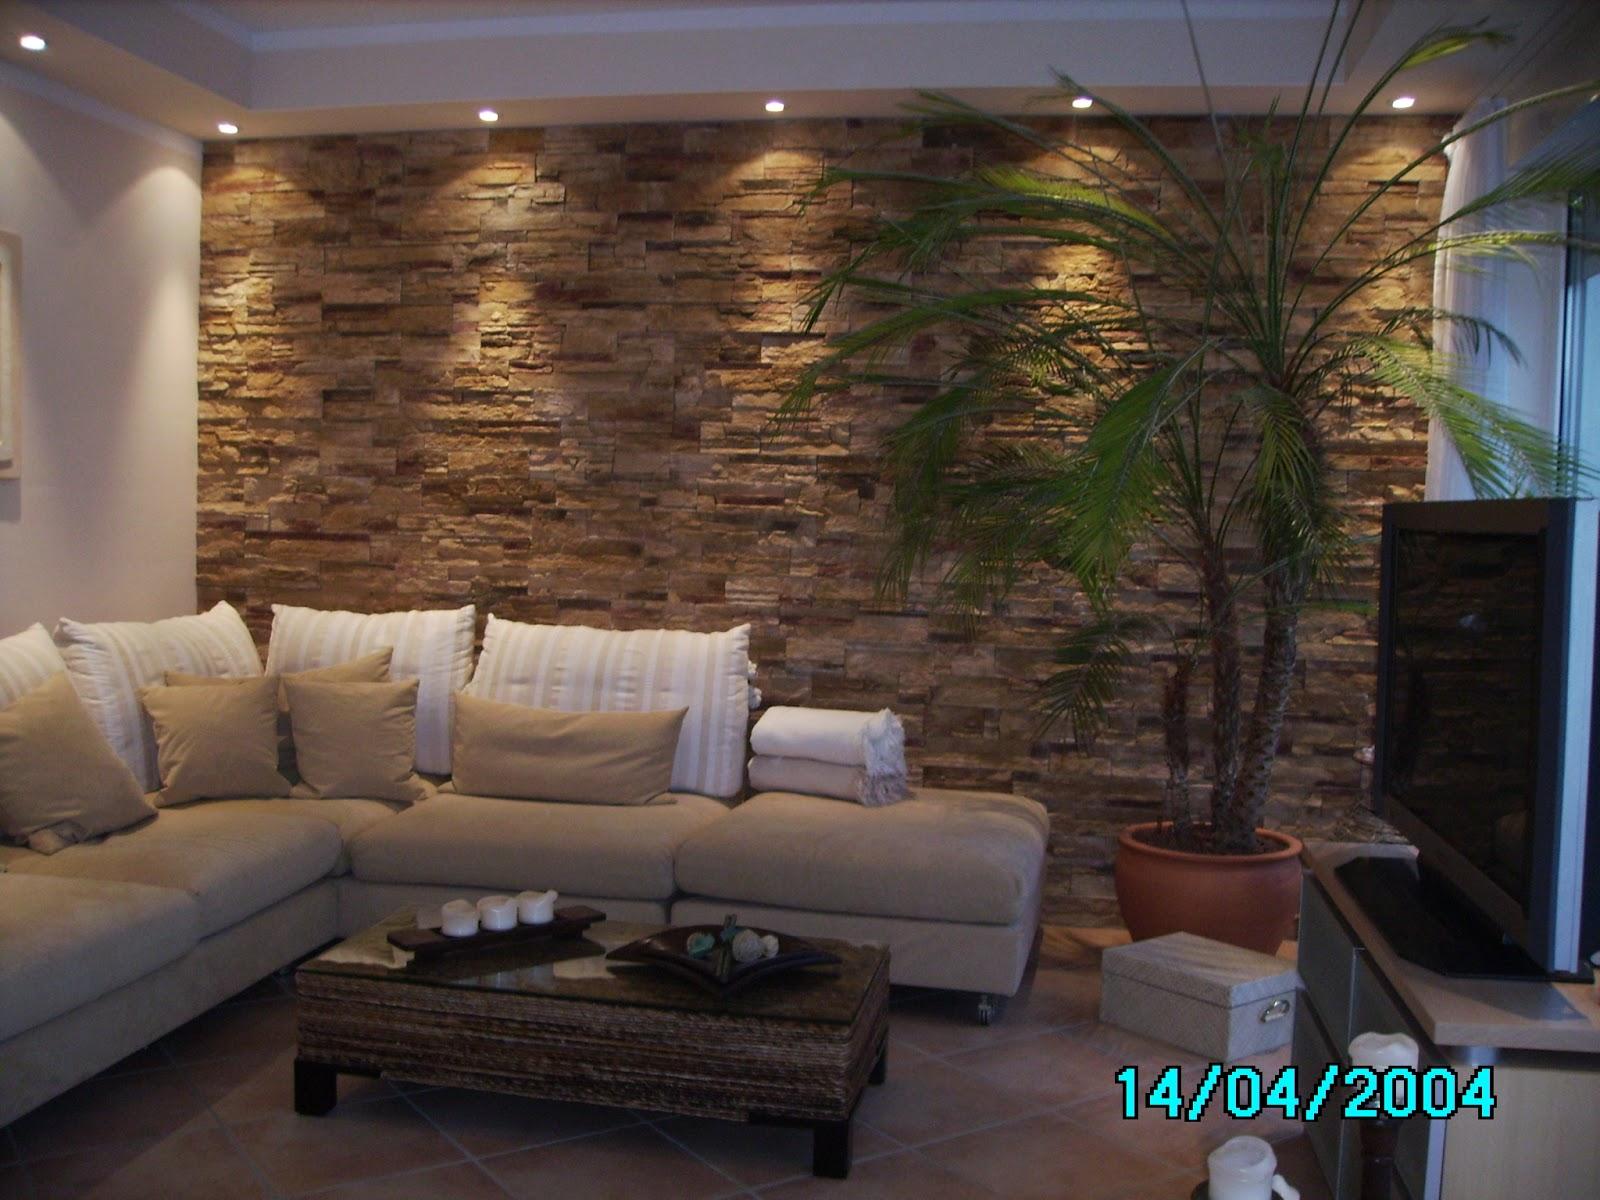 steinwand tapete wohnzimmer hausgestaltung